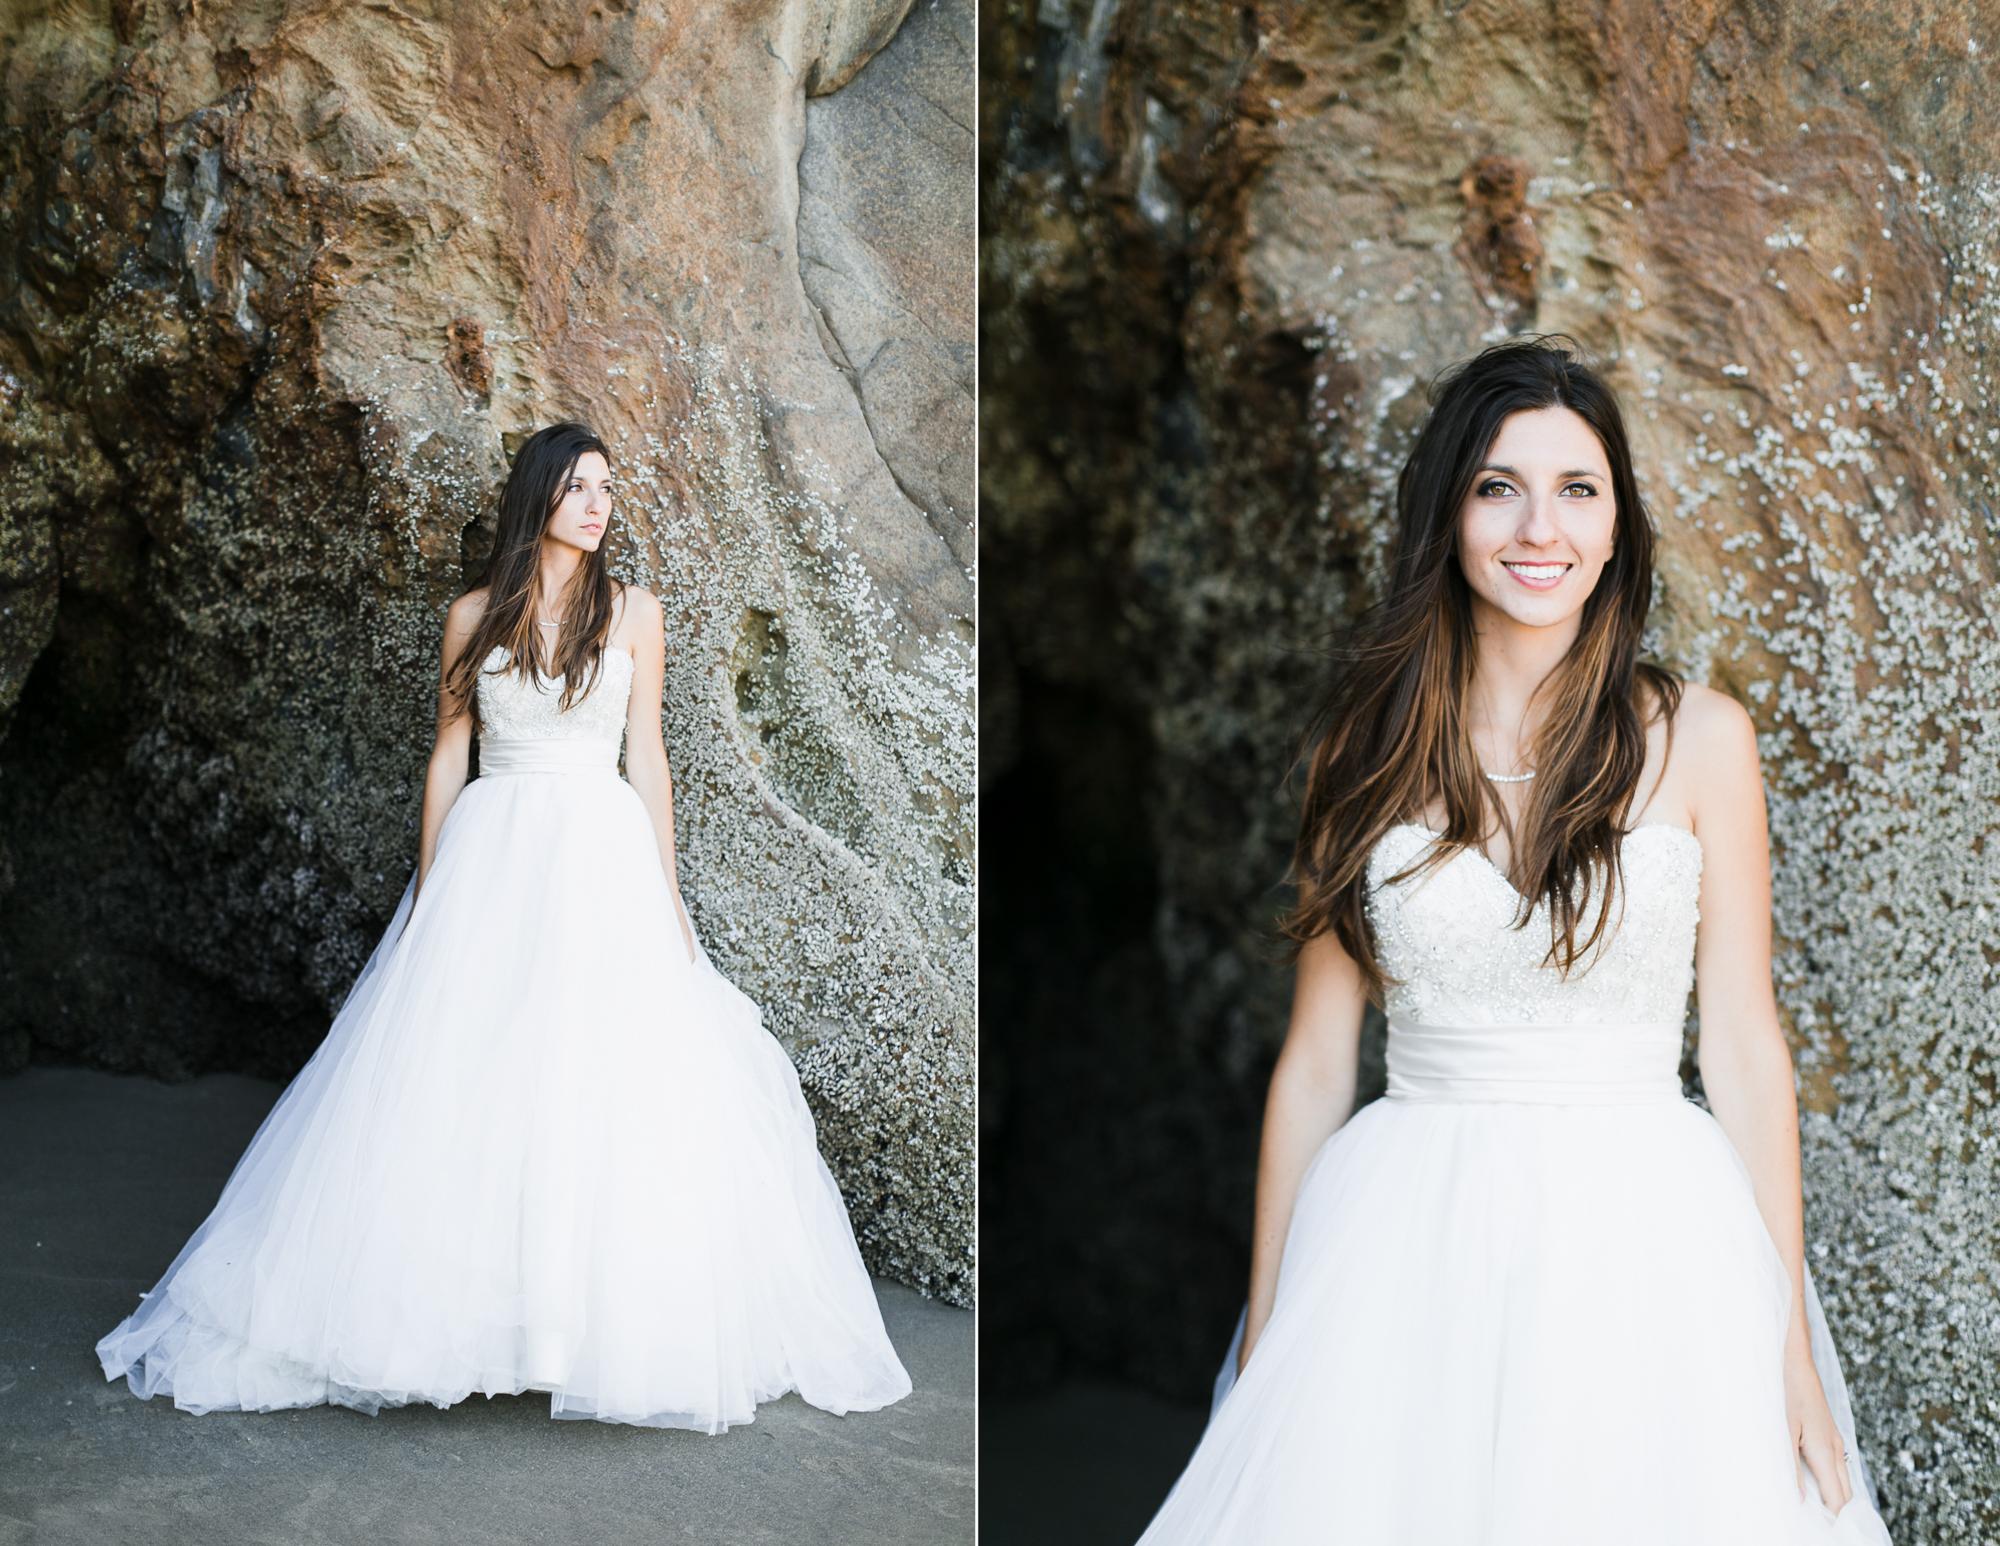 Alina&jordan-1-8.jpg